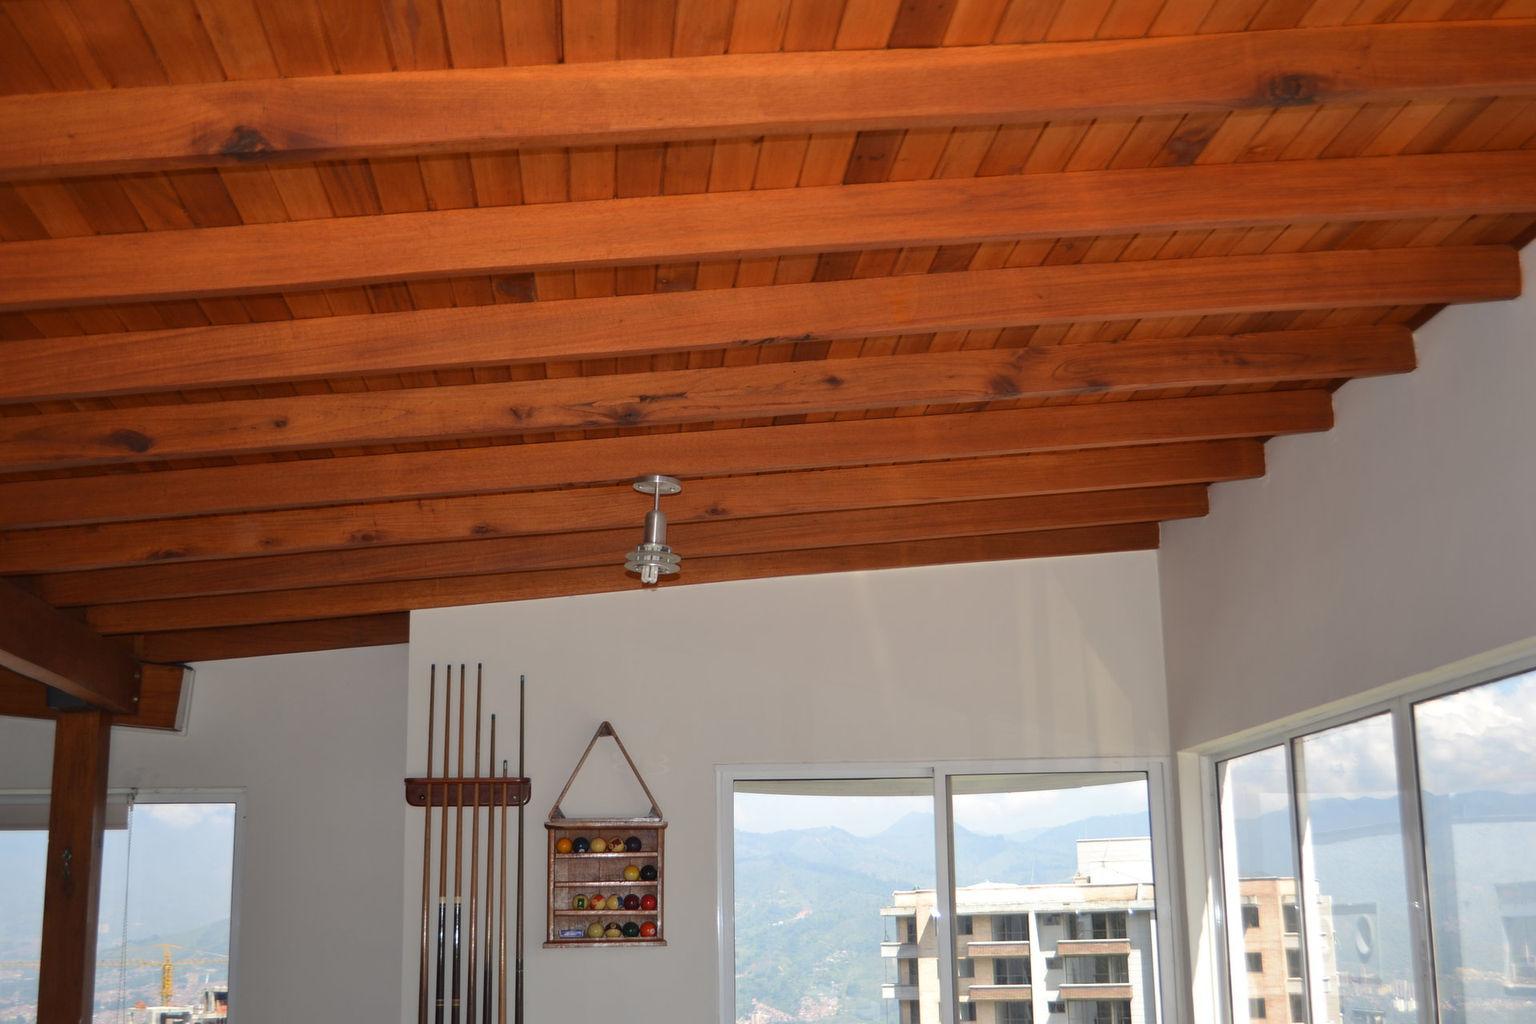 Acabados a techos de tablilla en barniz